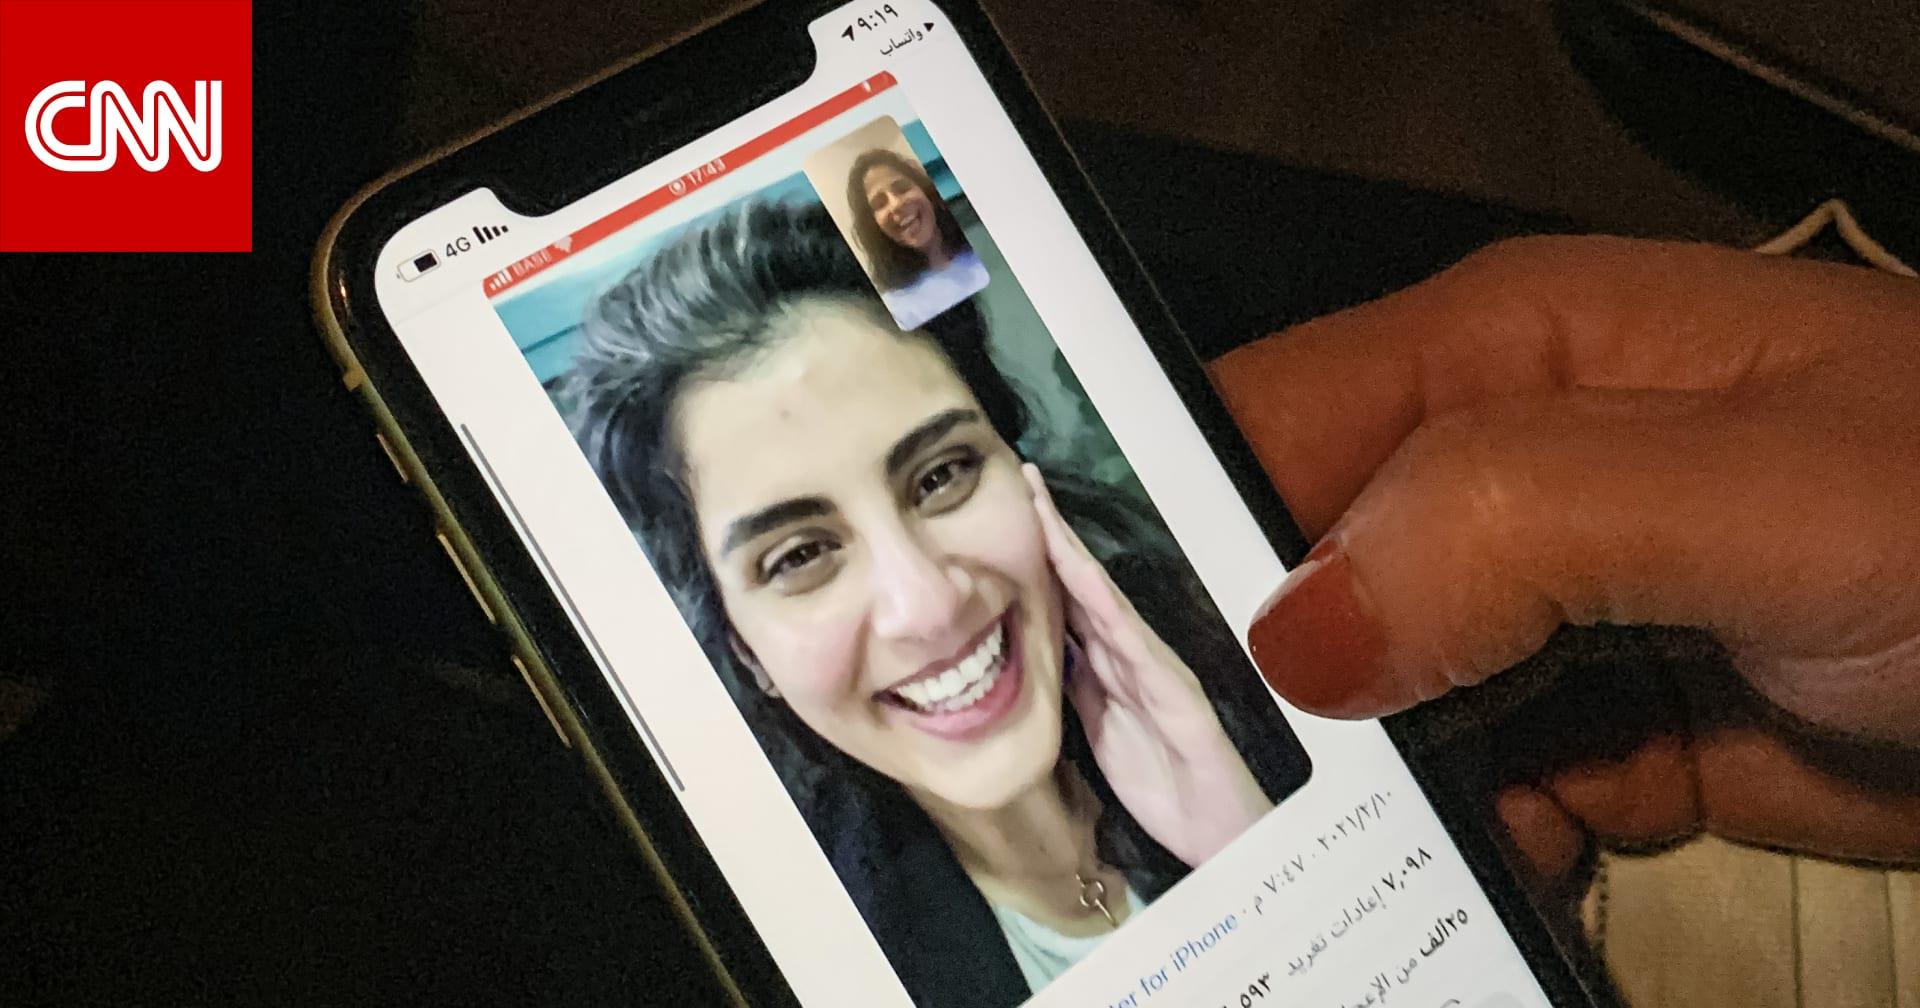 الناشطة السعودية لجين الهذلول تكتب أول تغريدة في تويتر منذ سنوات.. هذا ما كتبته